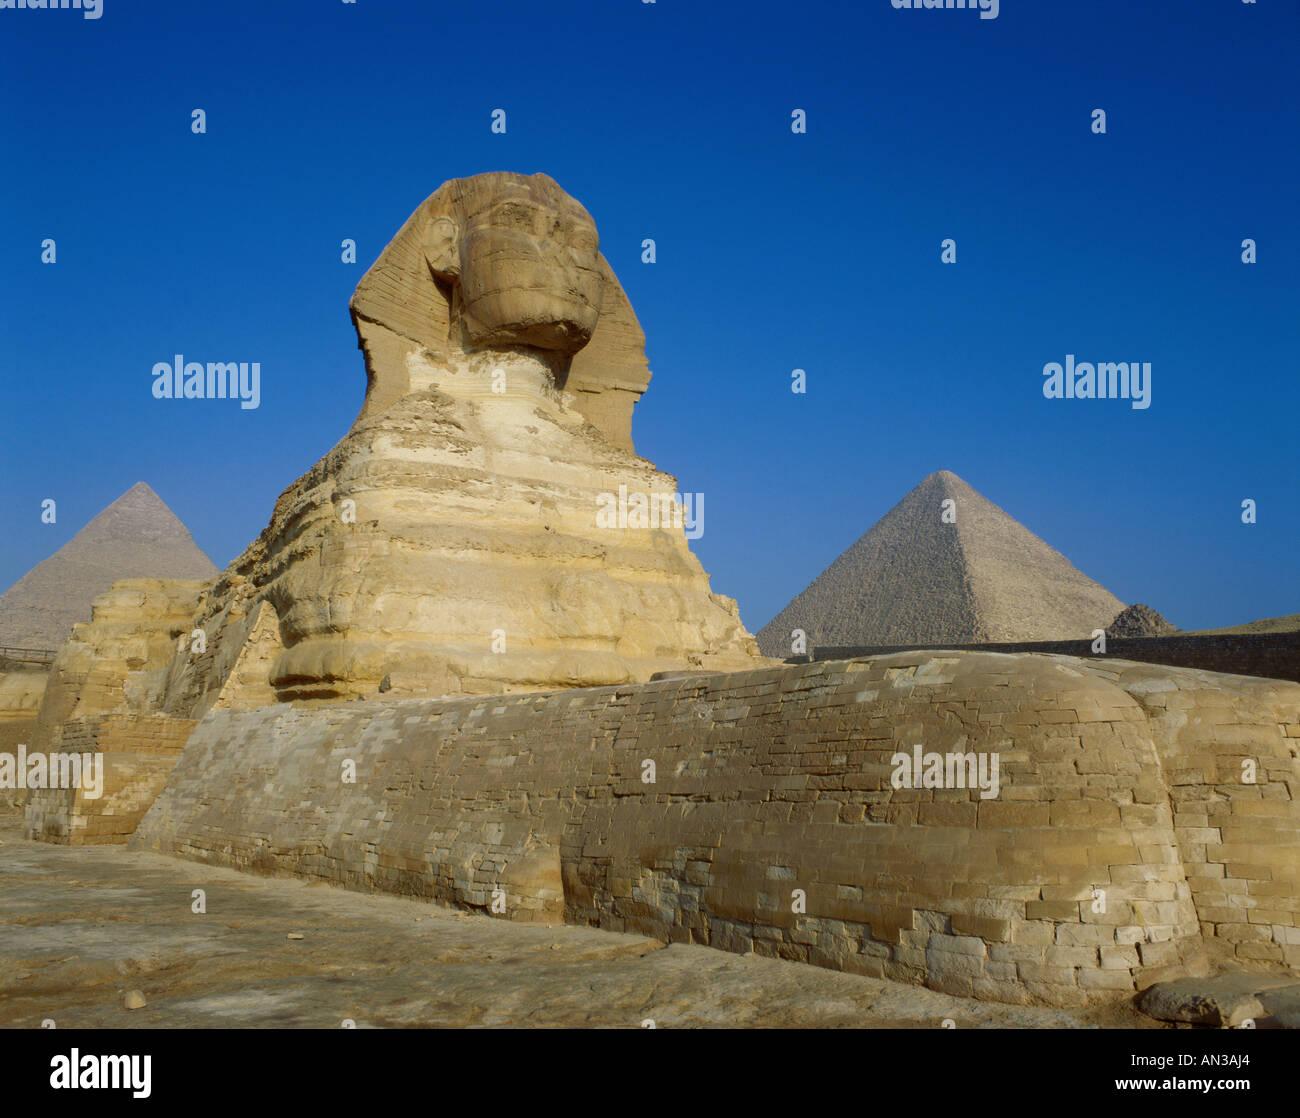 great sphinx pyramids giza egypt stock photo 8798883 alamy